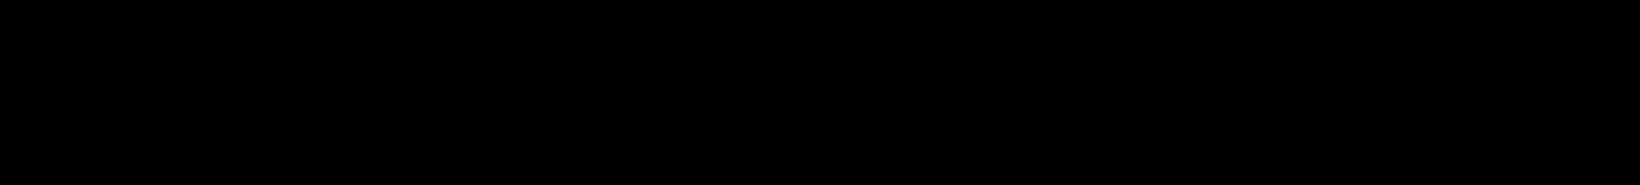 title_bar